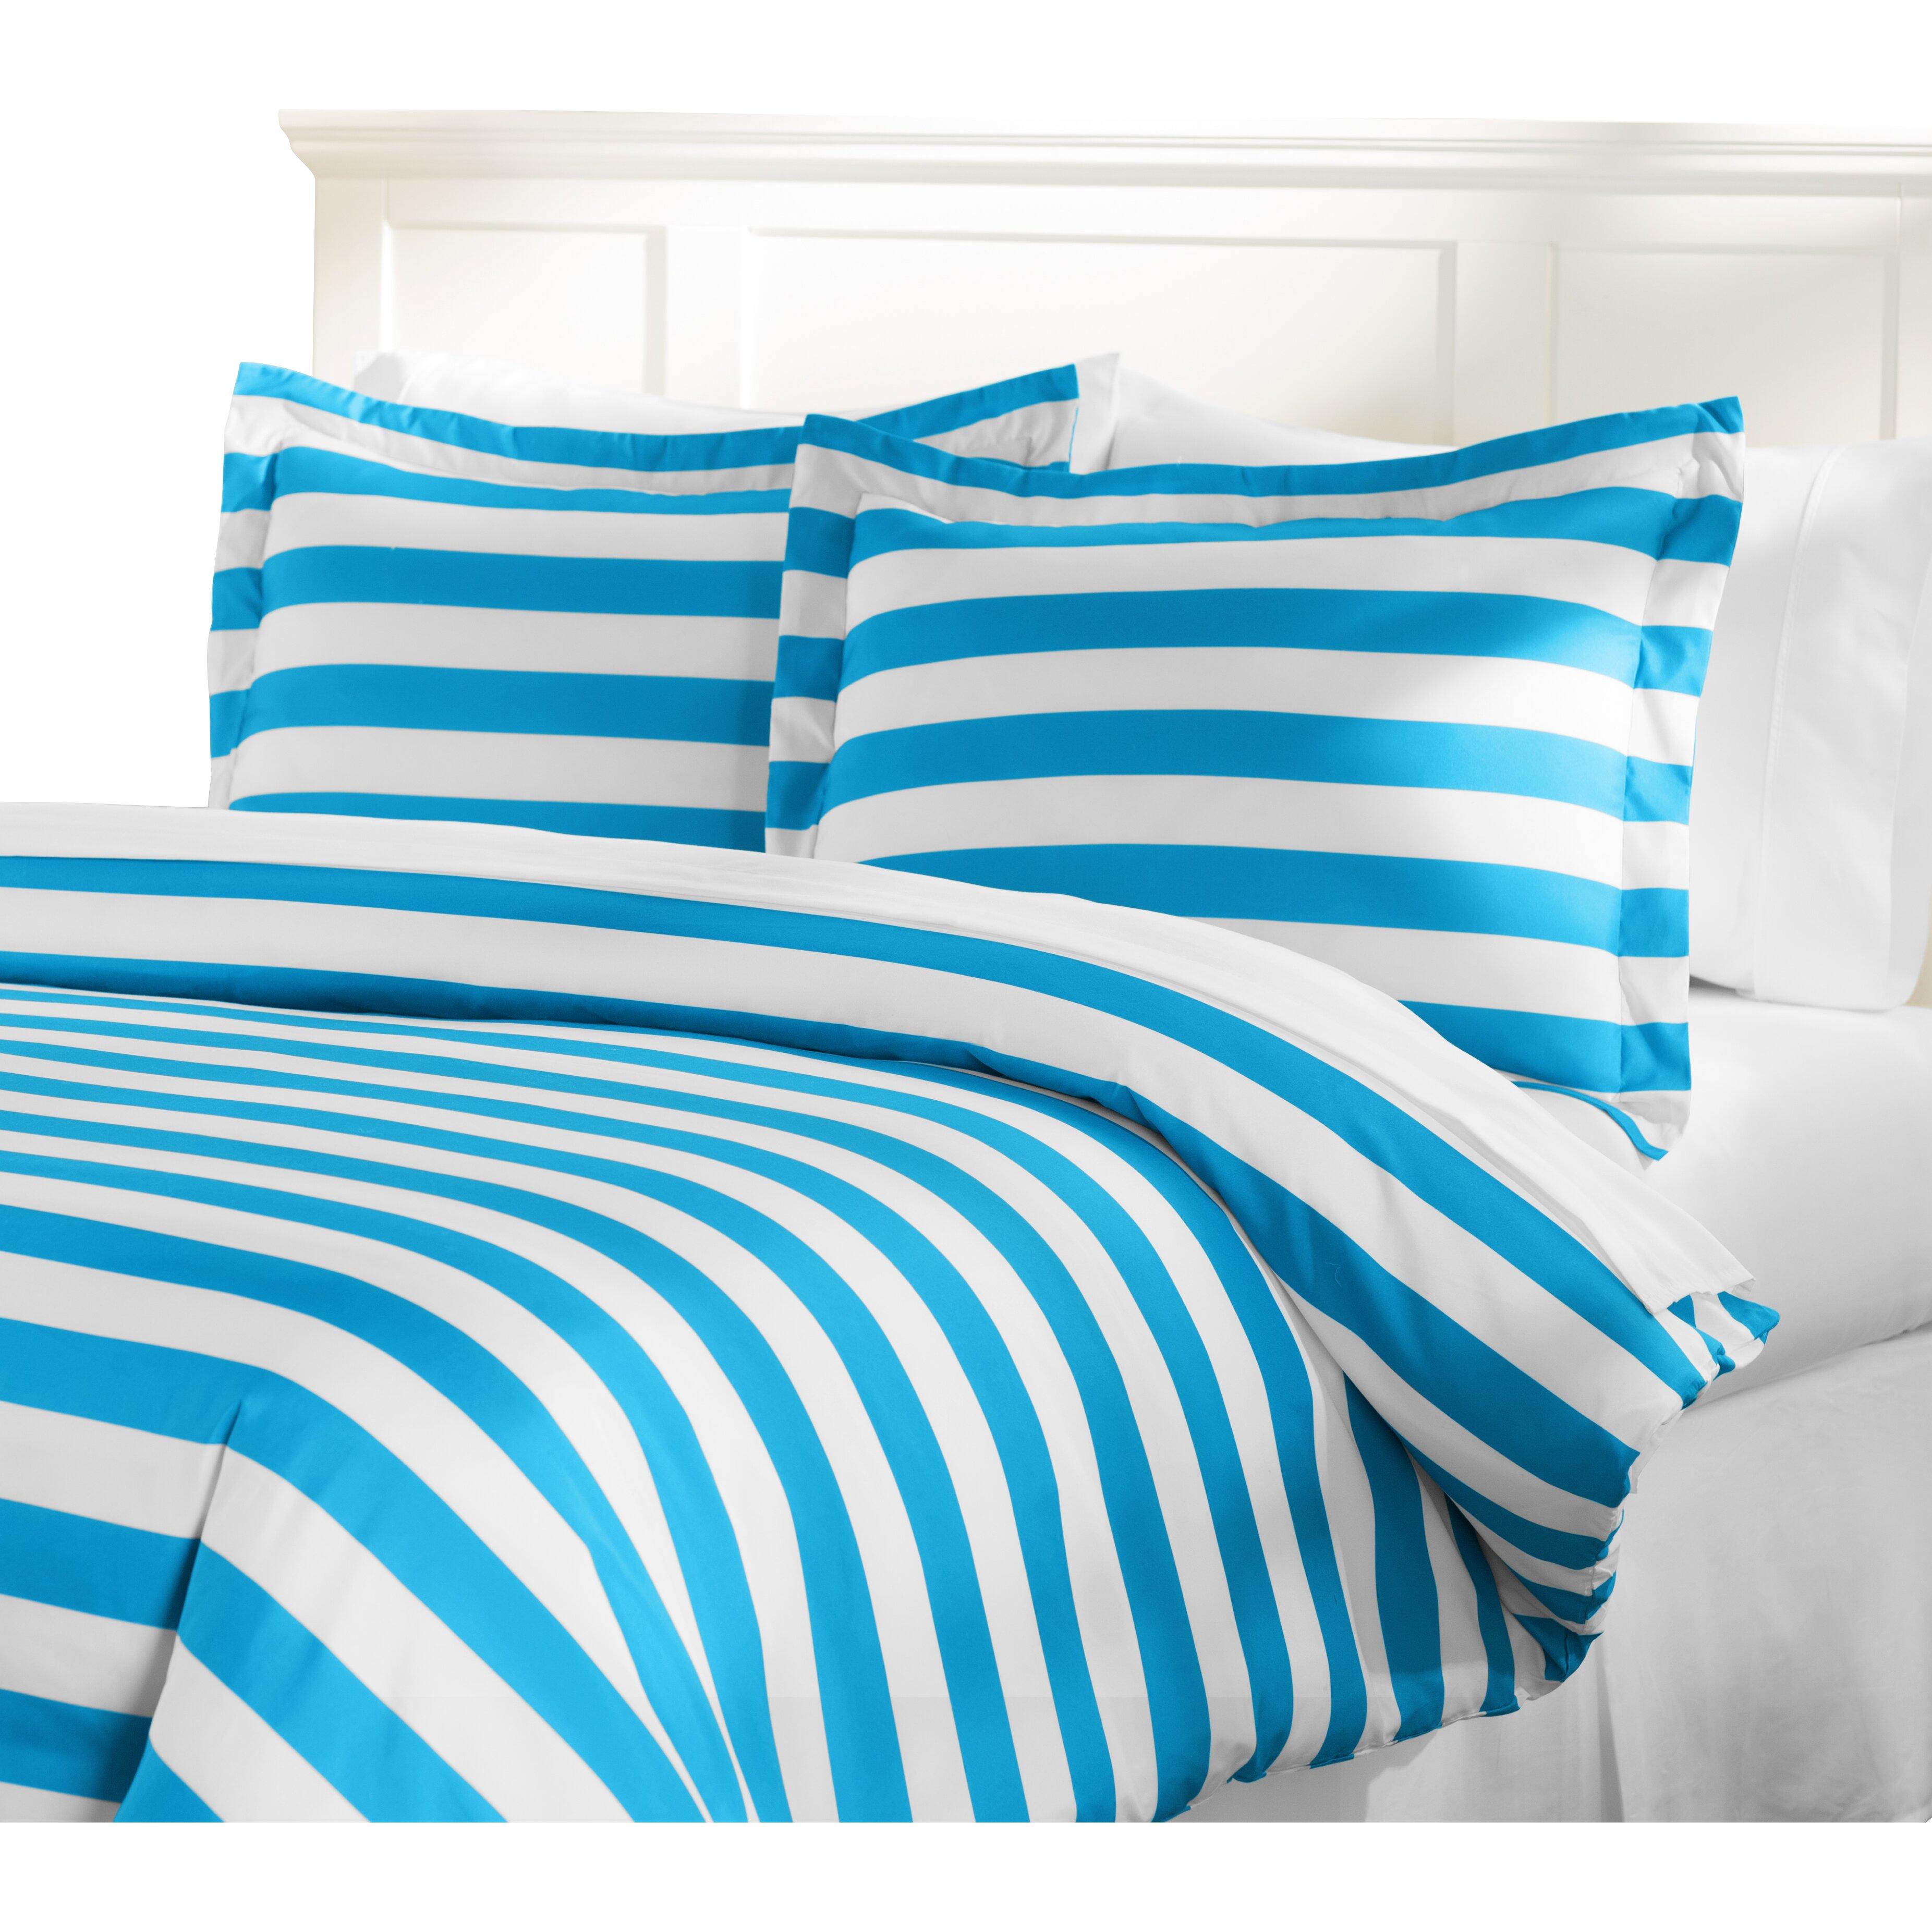 Wayfair basics wayfair basics 7 piece comforter set amp reviews - Wayfair Basics Wayfair Basics 3 Piece Duvet Cover Set Amp Reviews Download